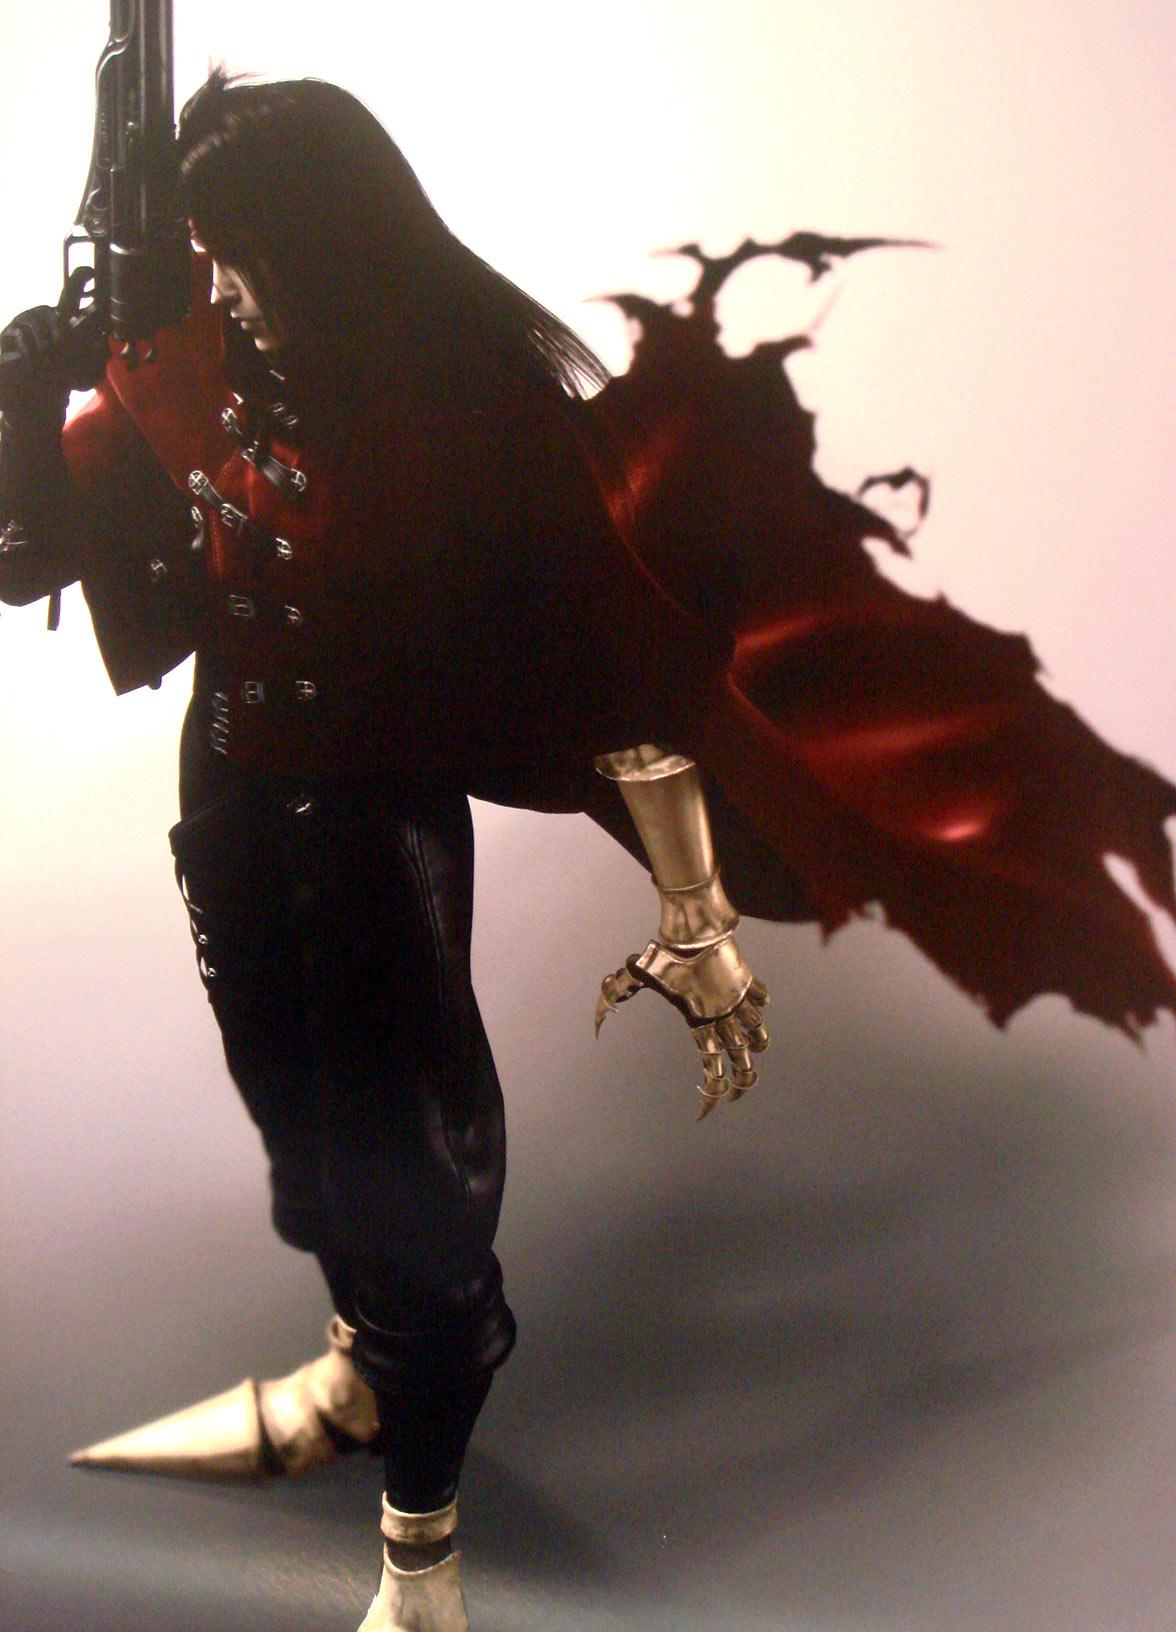 求最终幻想7文森特模型,要细致的